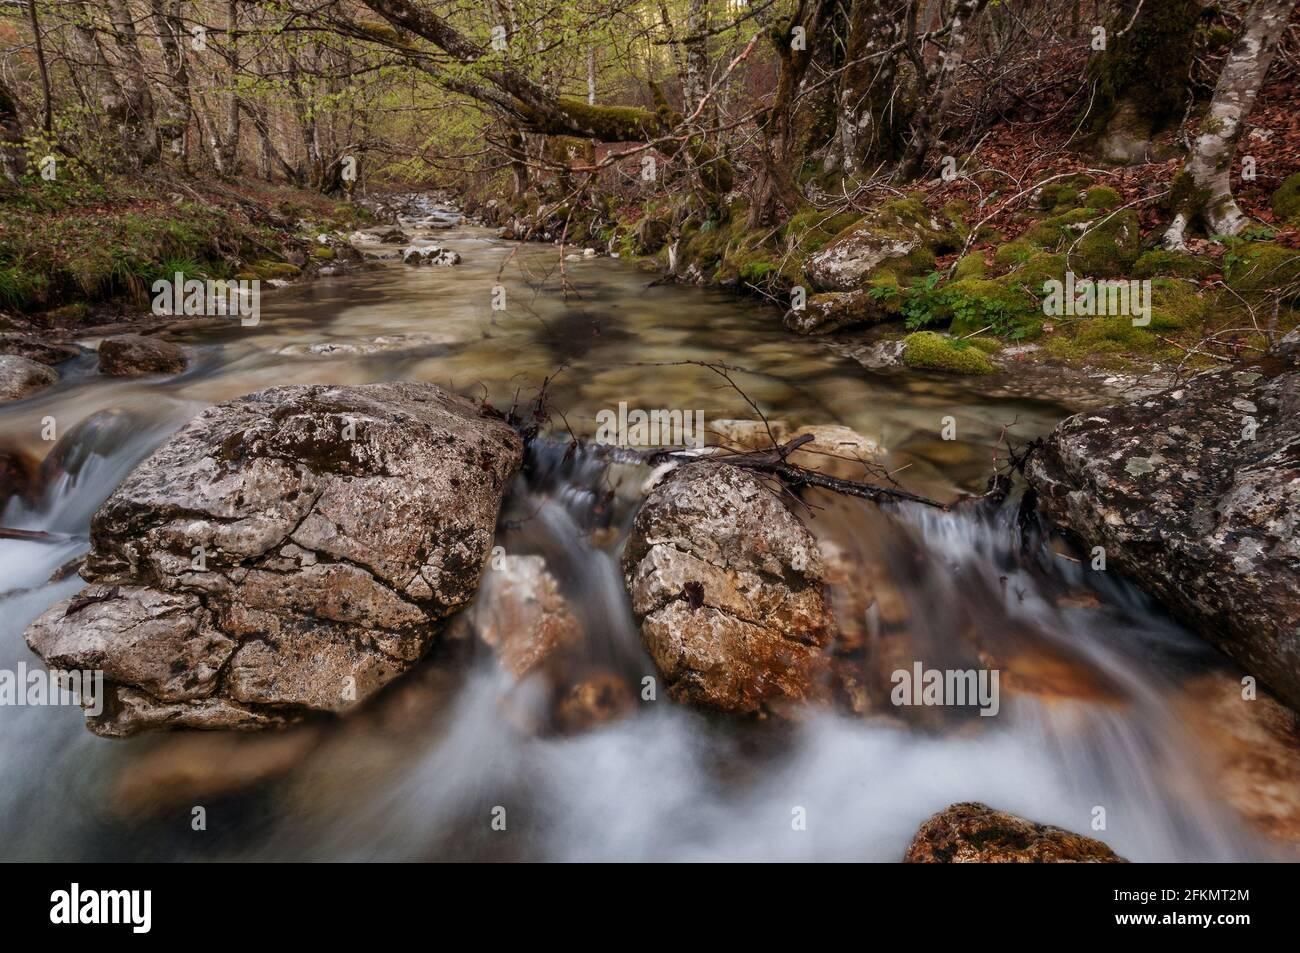 Fondillo River, Val Fondillo, Abruzzo, Lazio and Molise National Park, Abruzzo, Italy, Europe Stock Photo